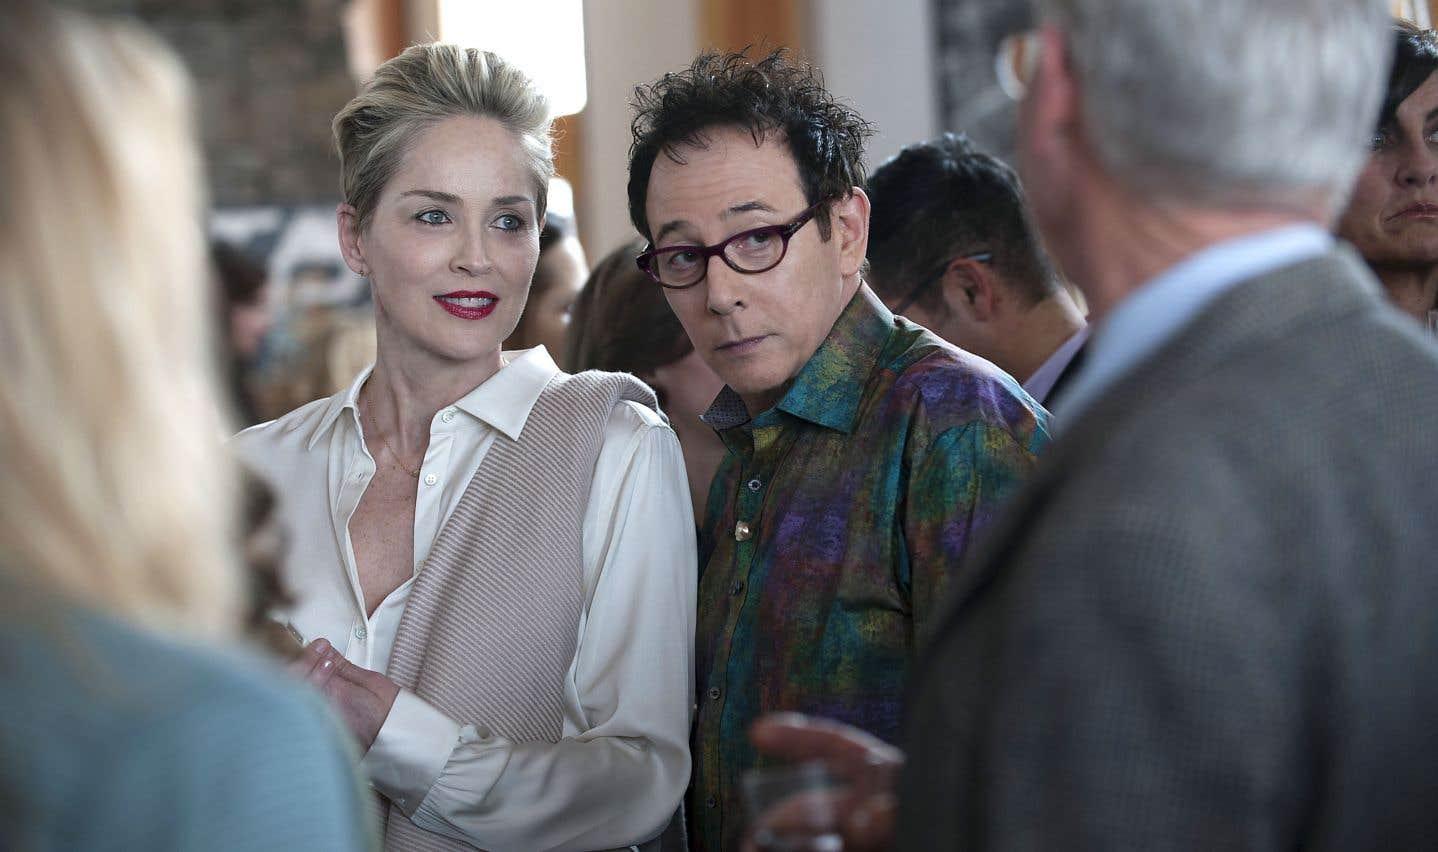 Superbe quinquagénaire au caractère bien trempé, Olivia Lake (Sharon Stone) ressent le besoin, au grand dam de son meilleur ami gai JC Schiffer (Paul Reubens), de lire le désir dans les yeux des hommes.